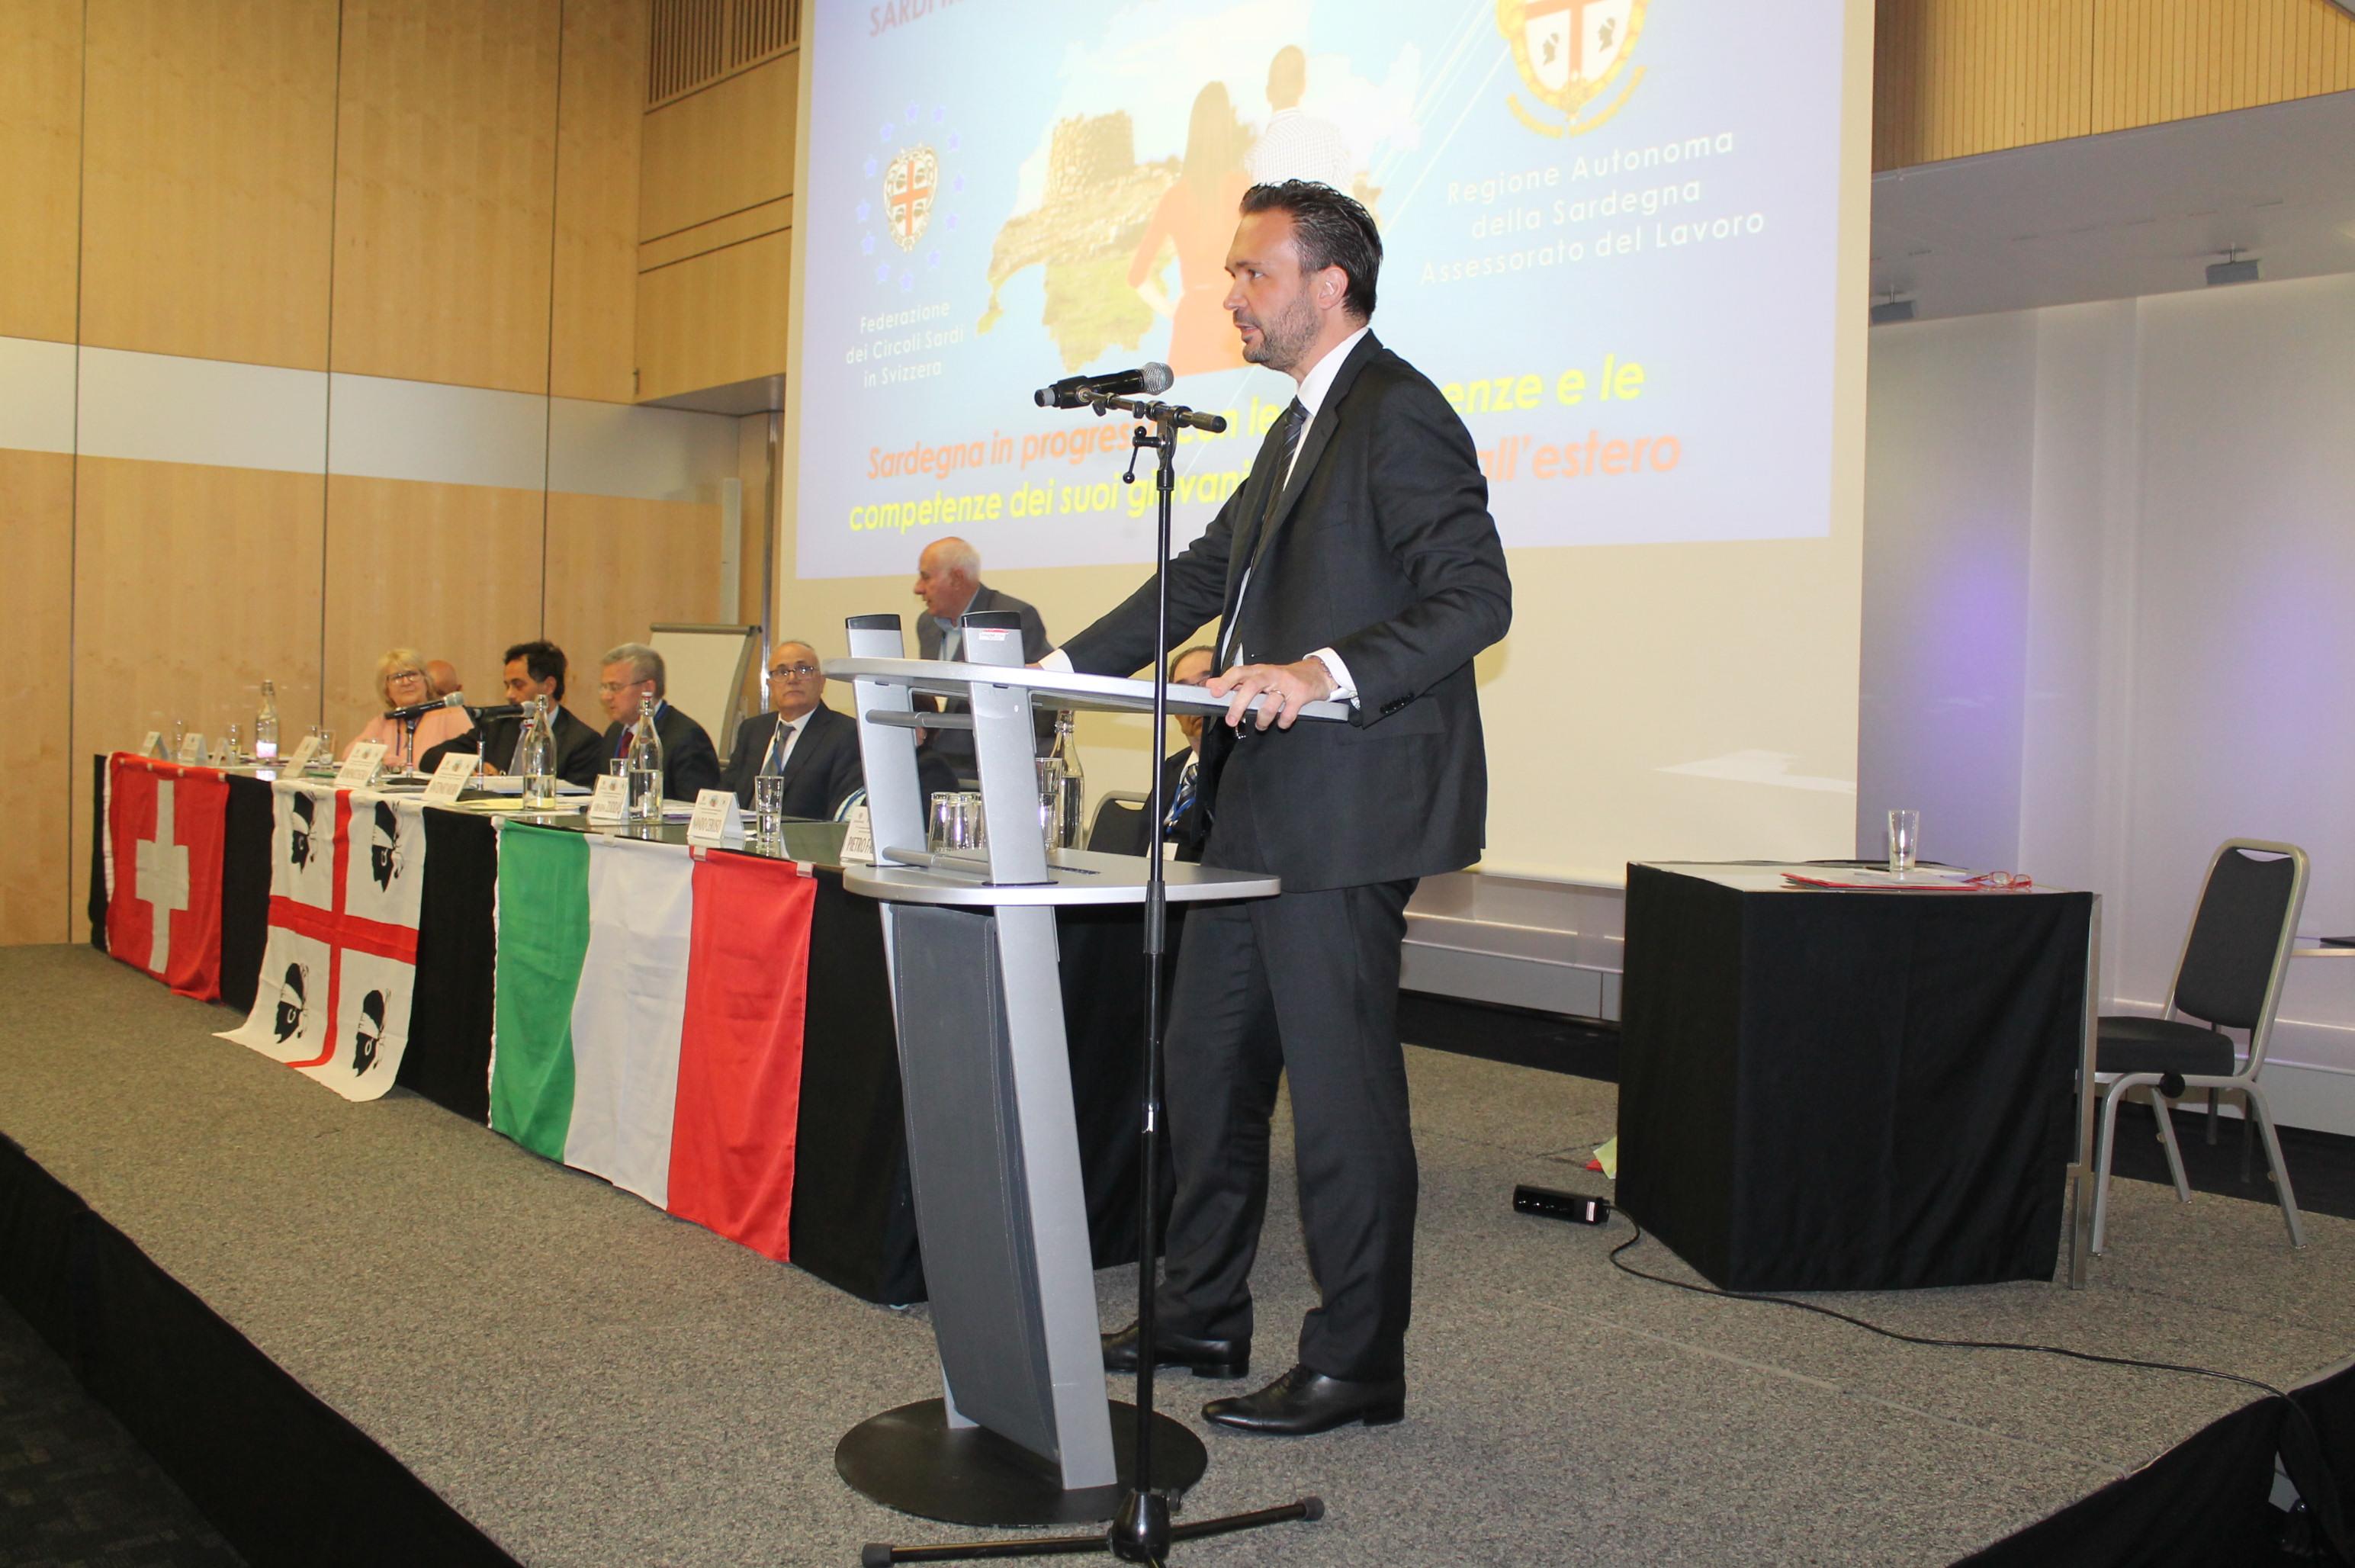 Congresso circoli sardi in Svizzera - Zurigo